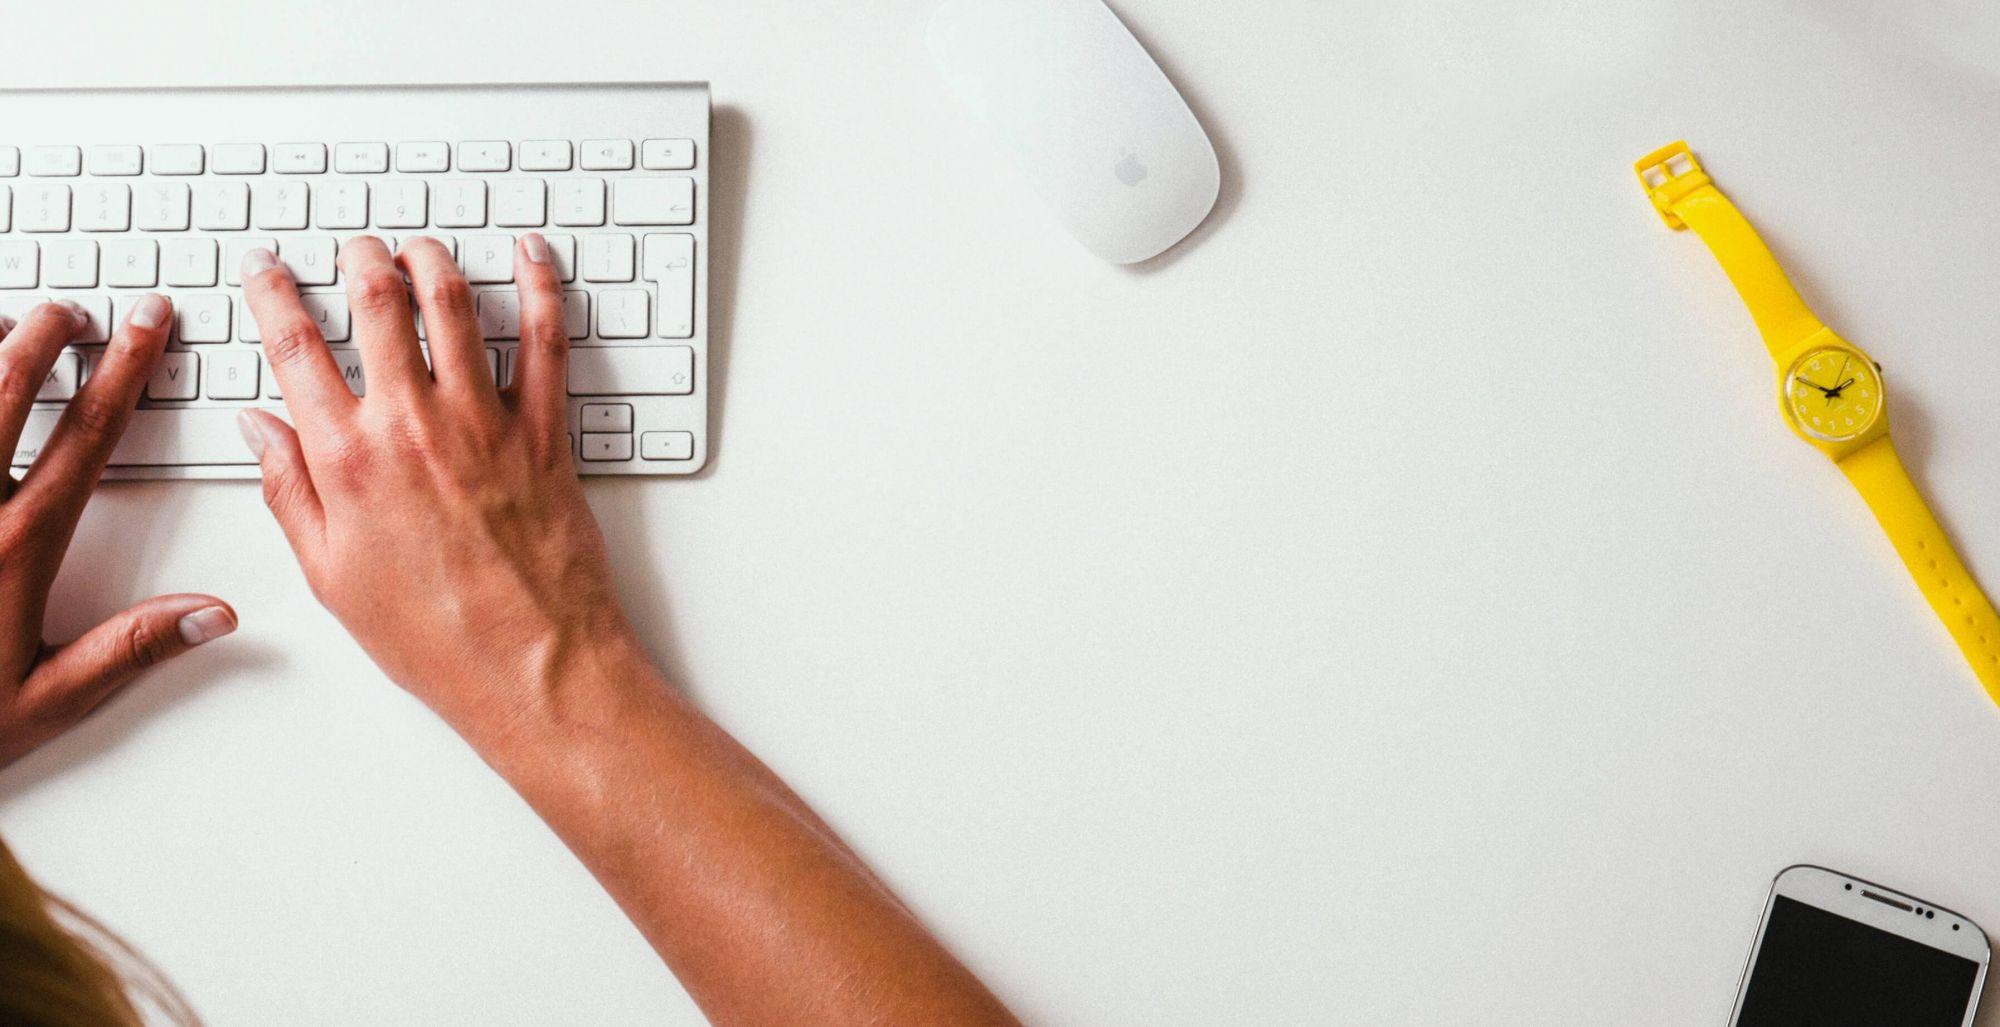 קידום בדיגיטל (אורגני וממומן)